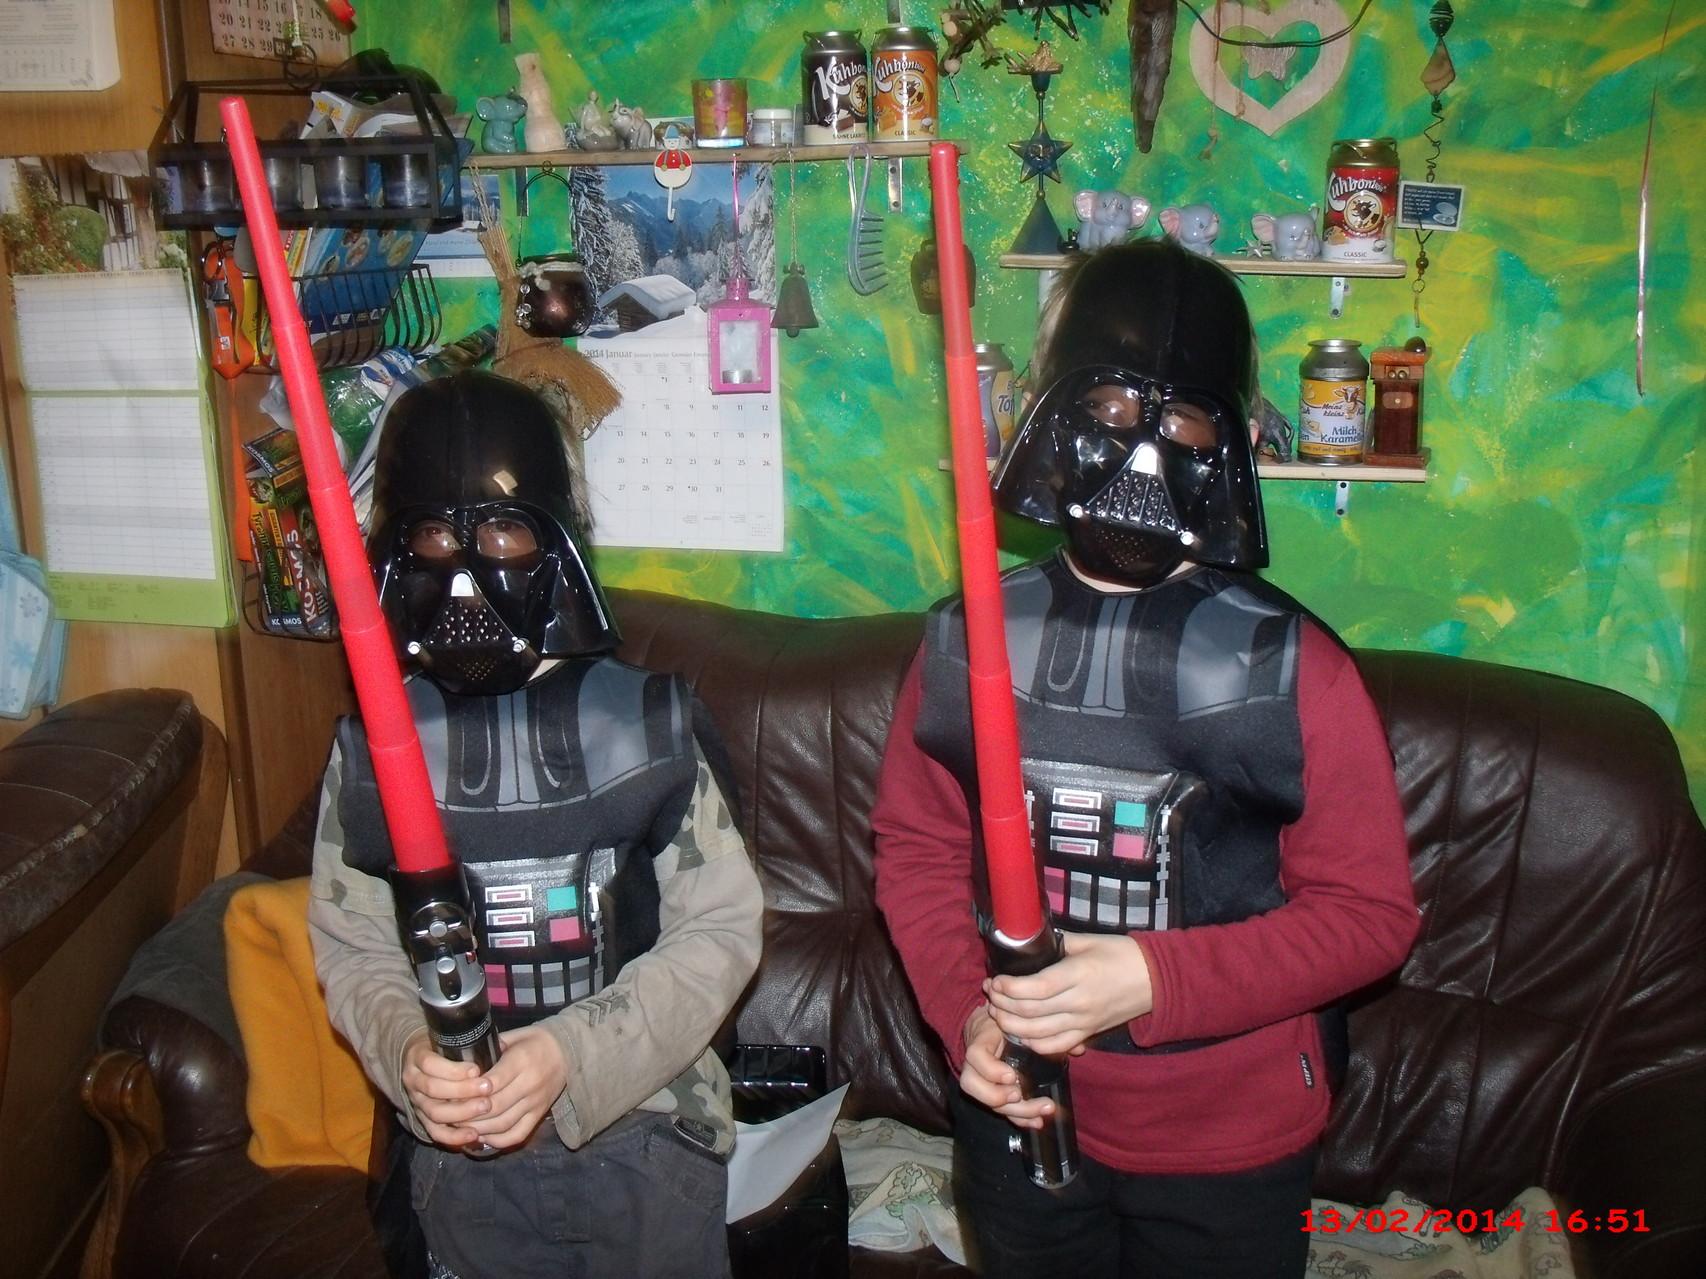 Maske und Laser-Schwert, einfach toll... Danke